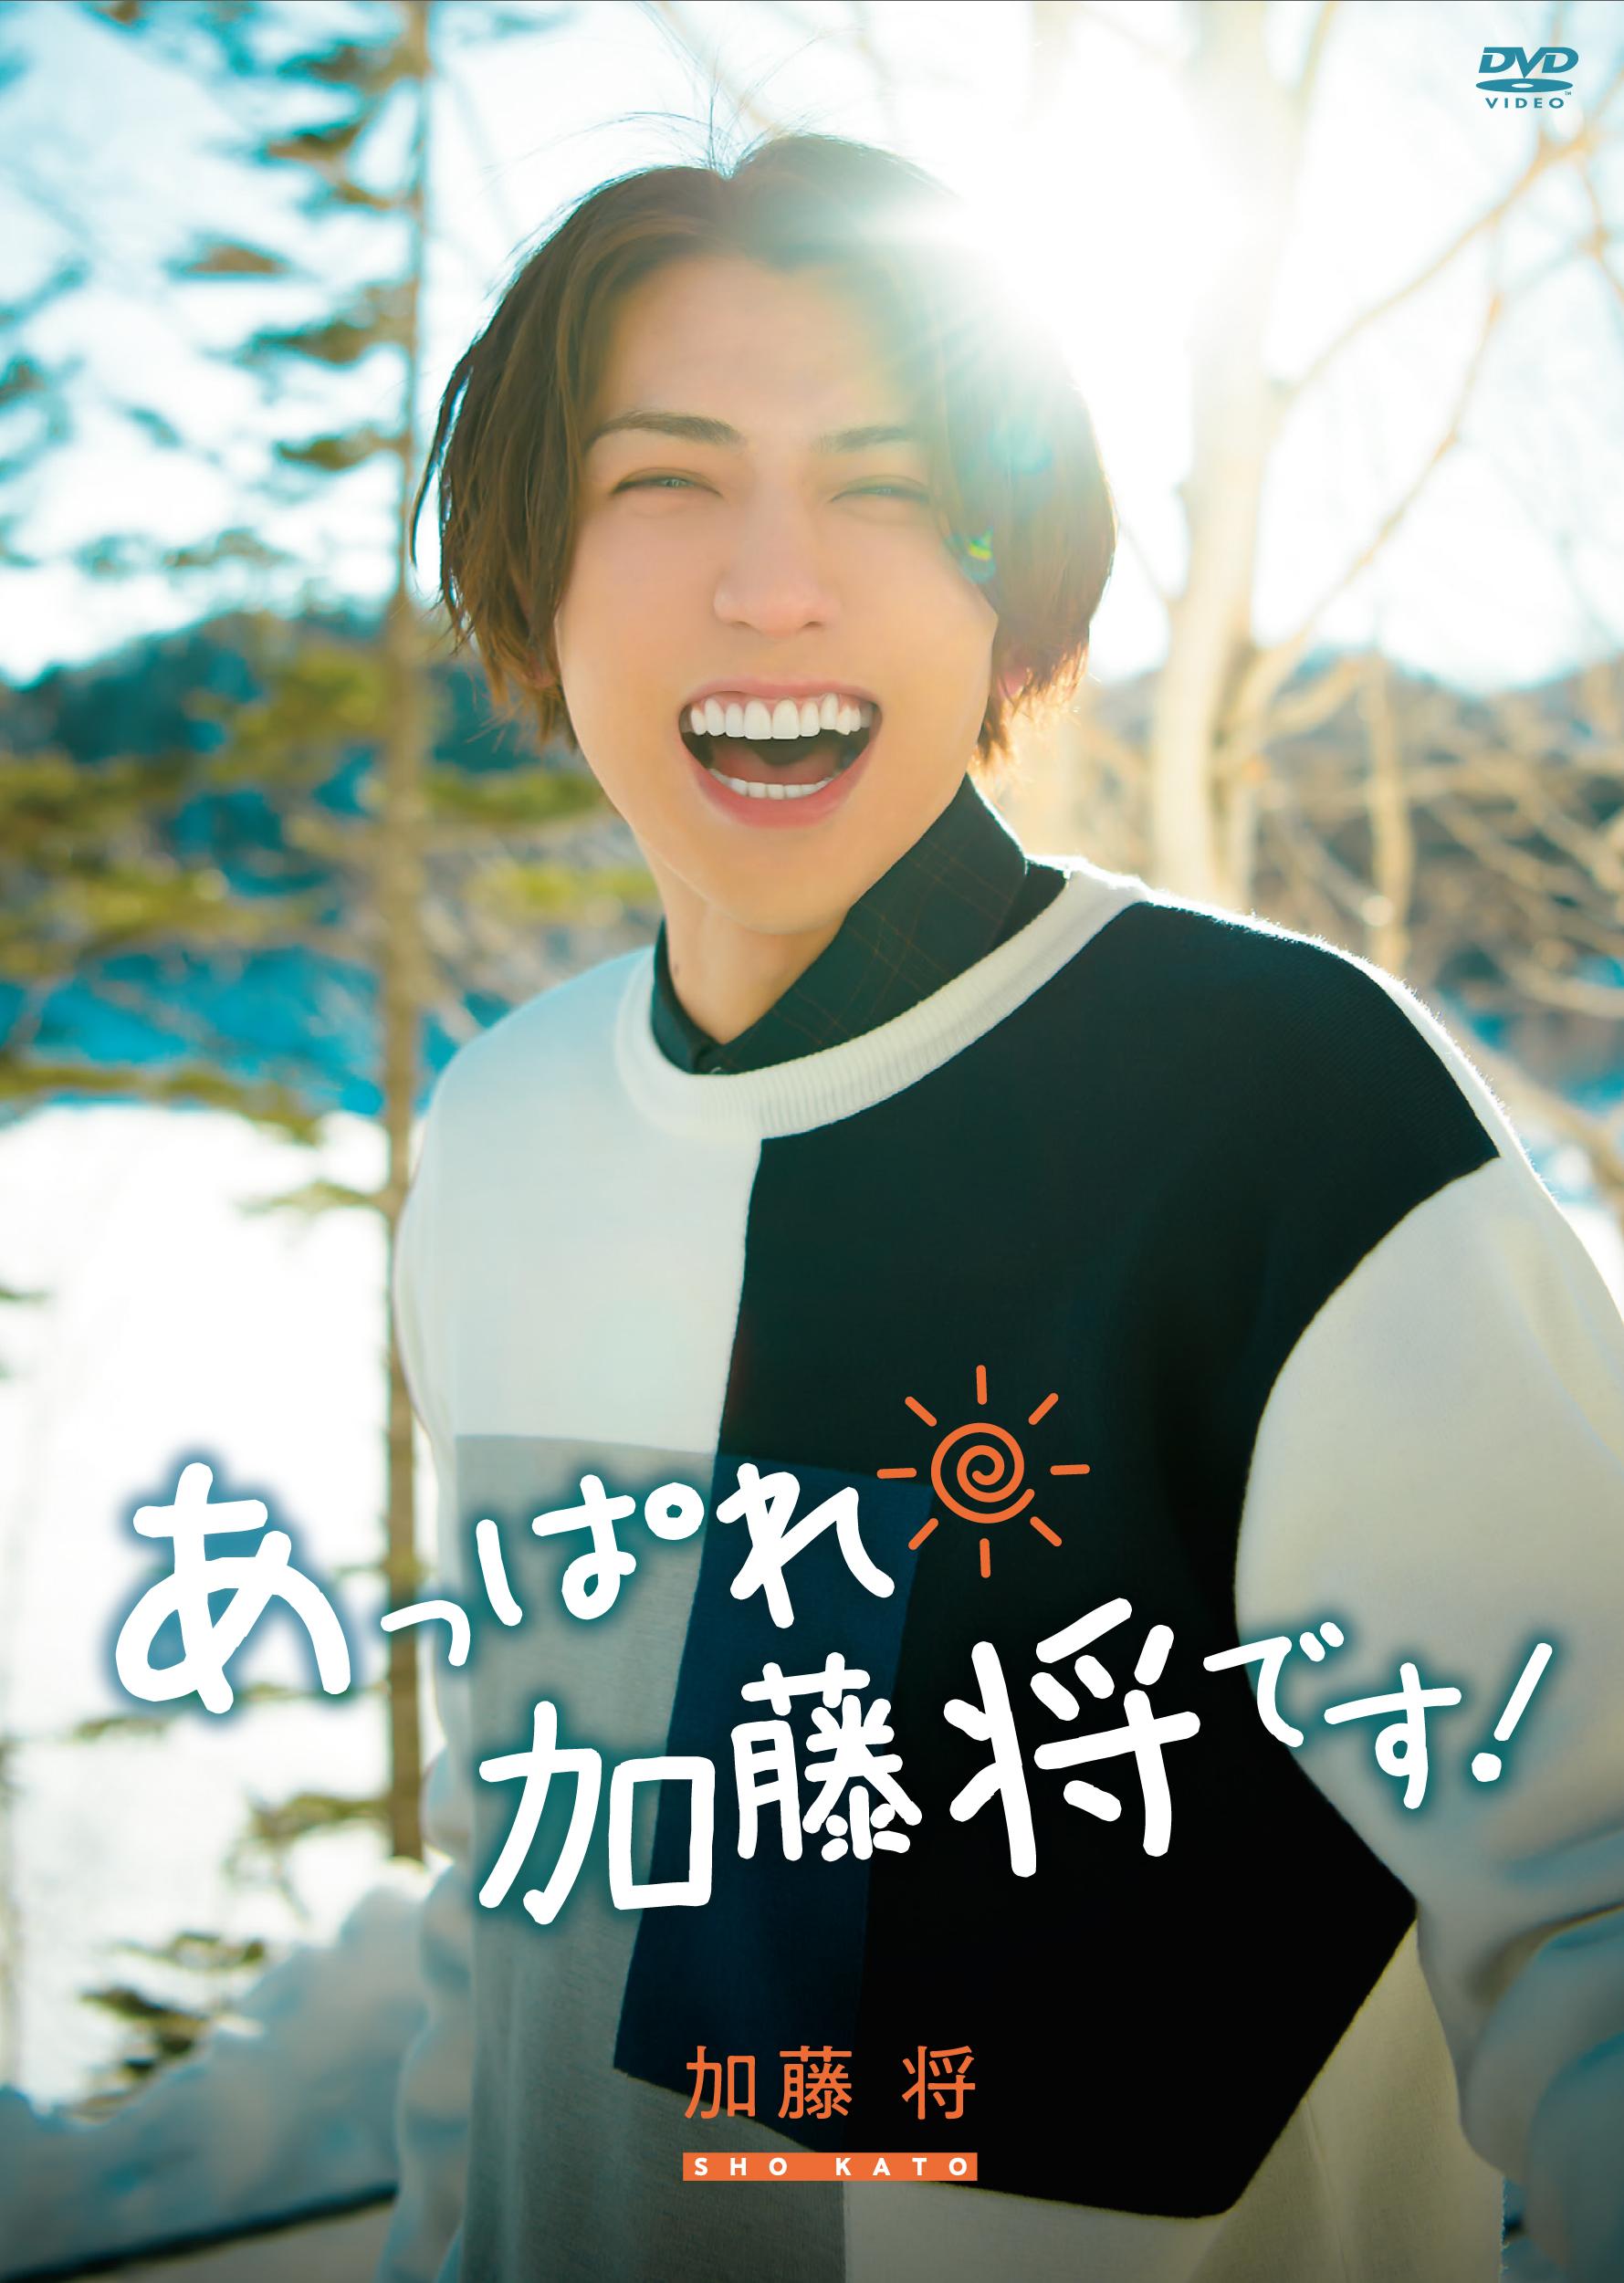 加藤将さん1st DVD『あっぱれ☀加藤将です!』先行発売イベント<詳細>